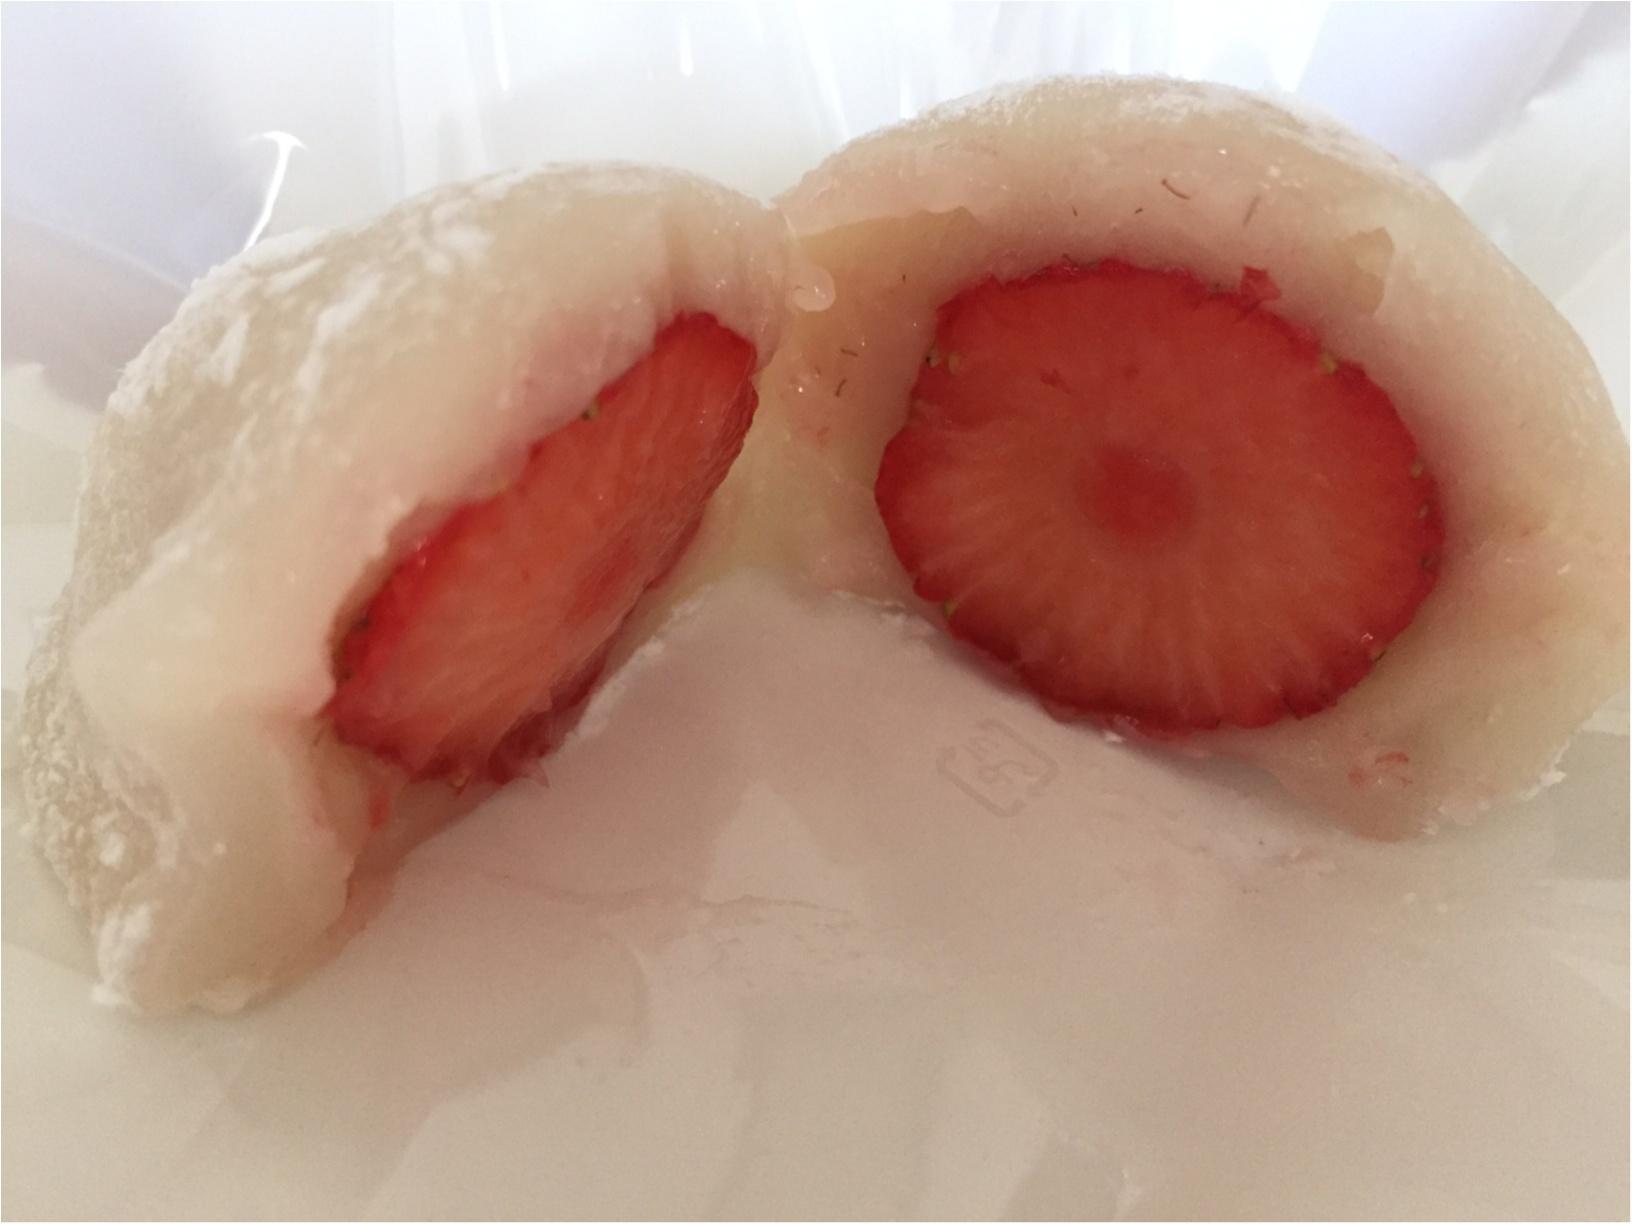 摘みたて果実をまるごと♡「一心堂」フルーツ大福にうっとり♡_4